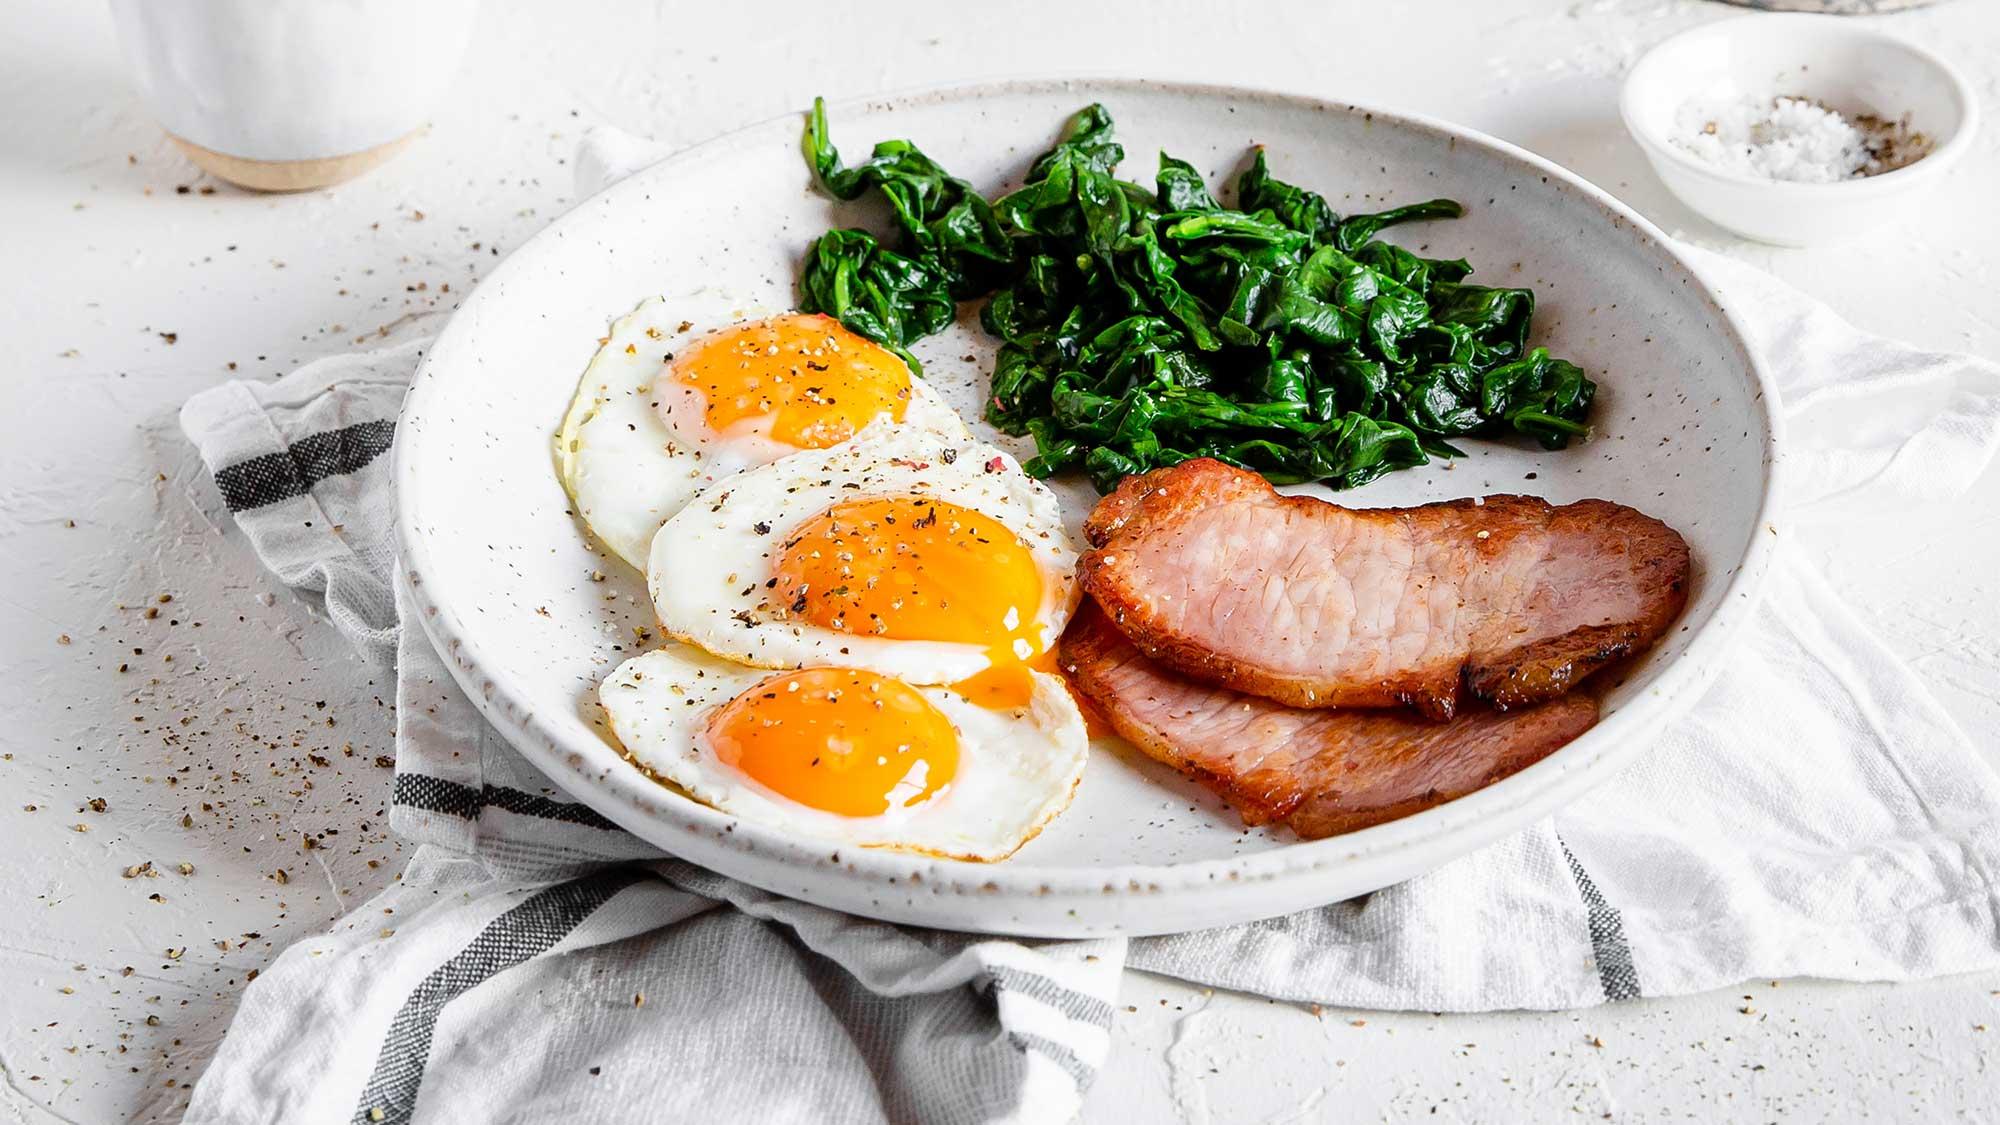 25 ideas para el desayuno rico en proteínas - Diet Doctor